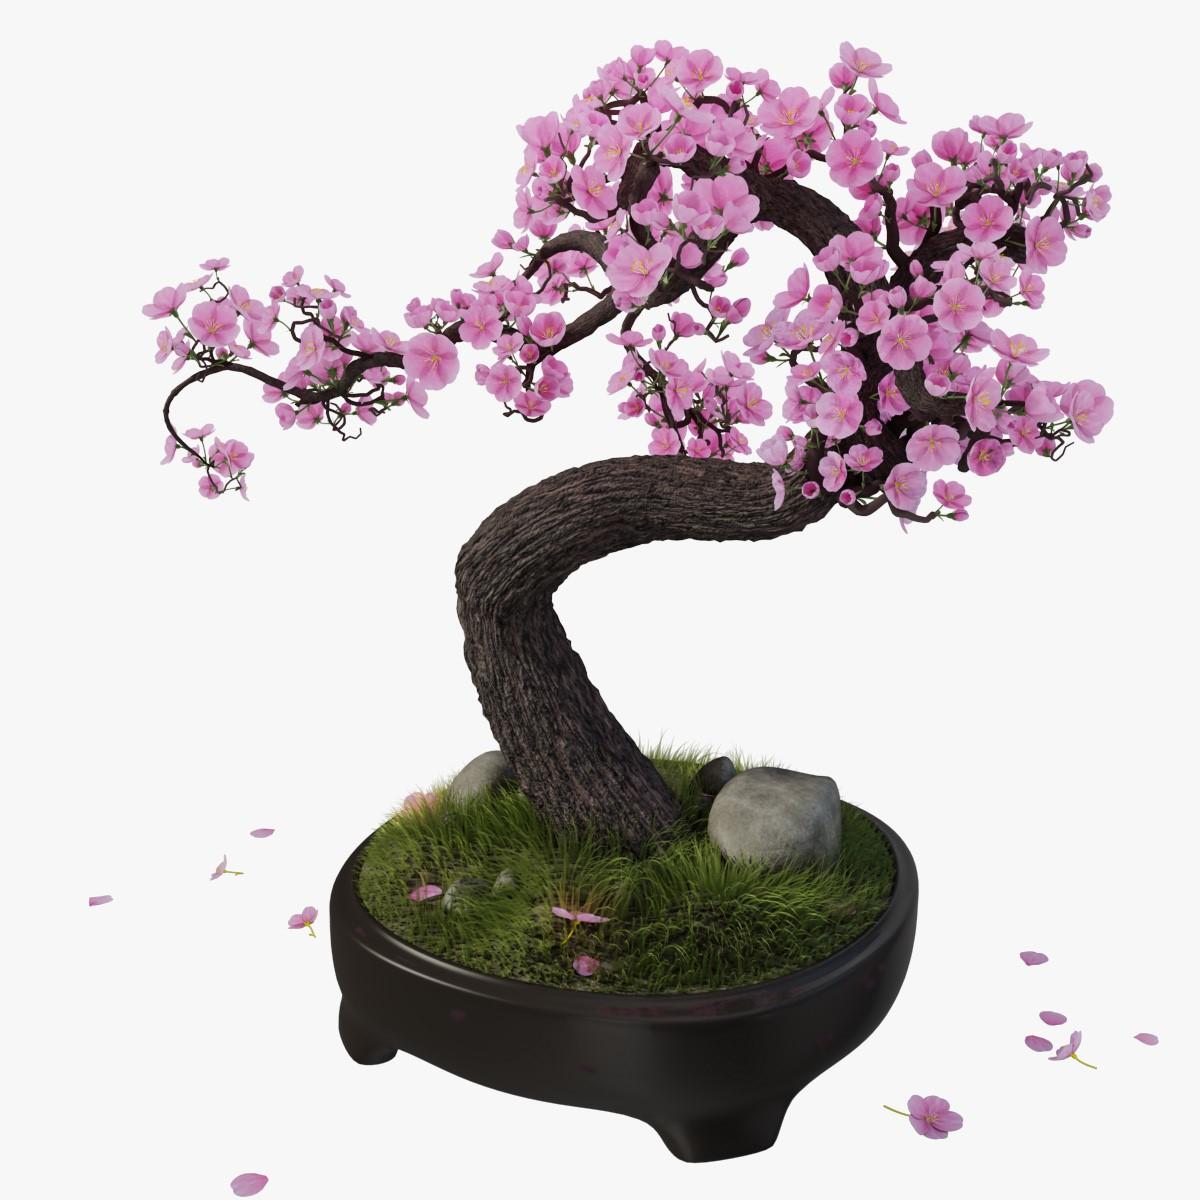 Achat de bonsaï: Arrosez un arbre par le haut à l'aide d'un arrosoir avec une buse fine.